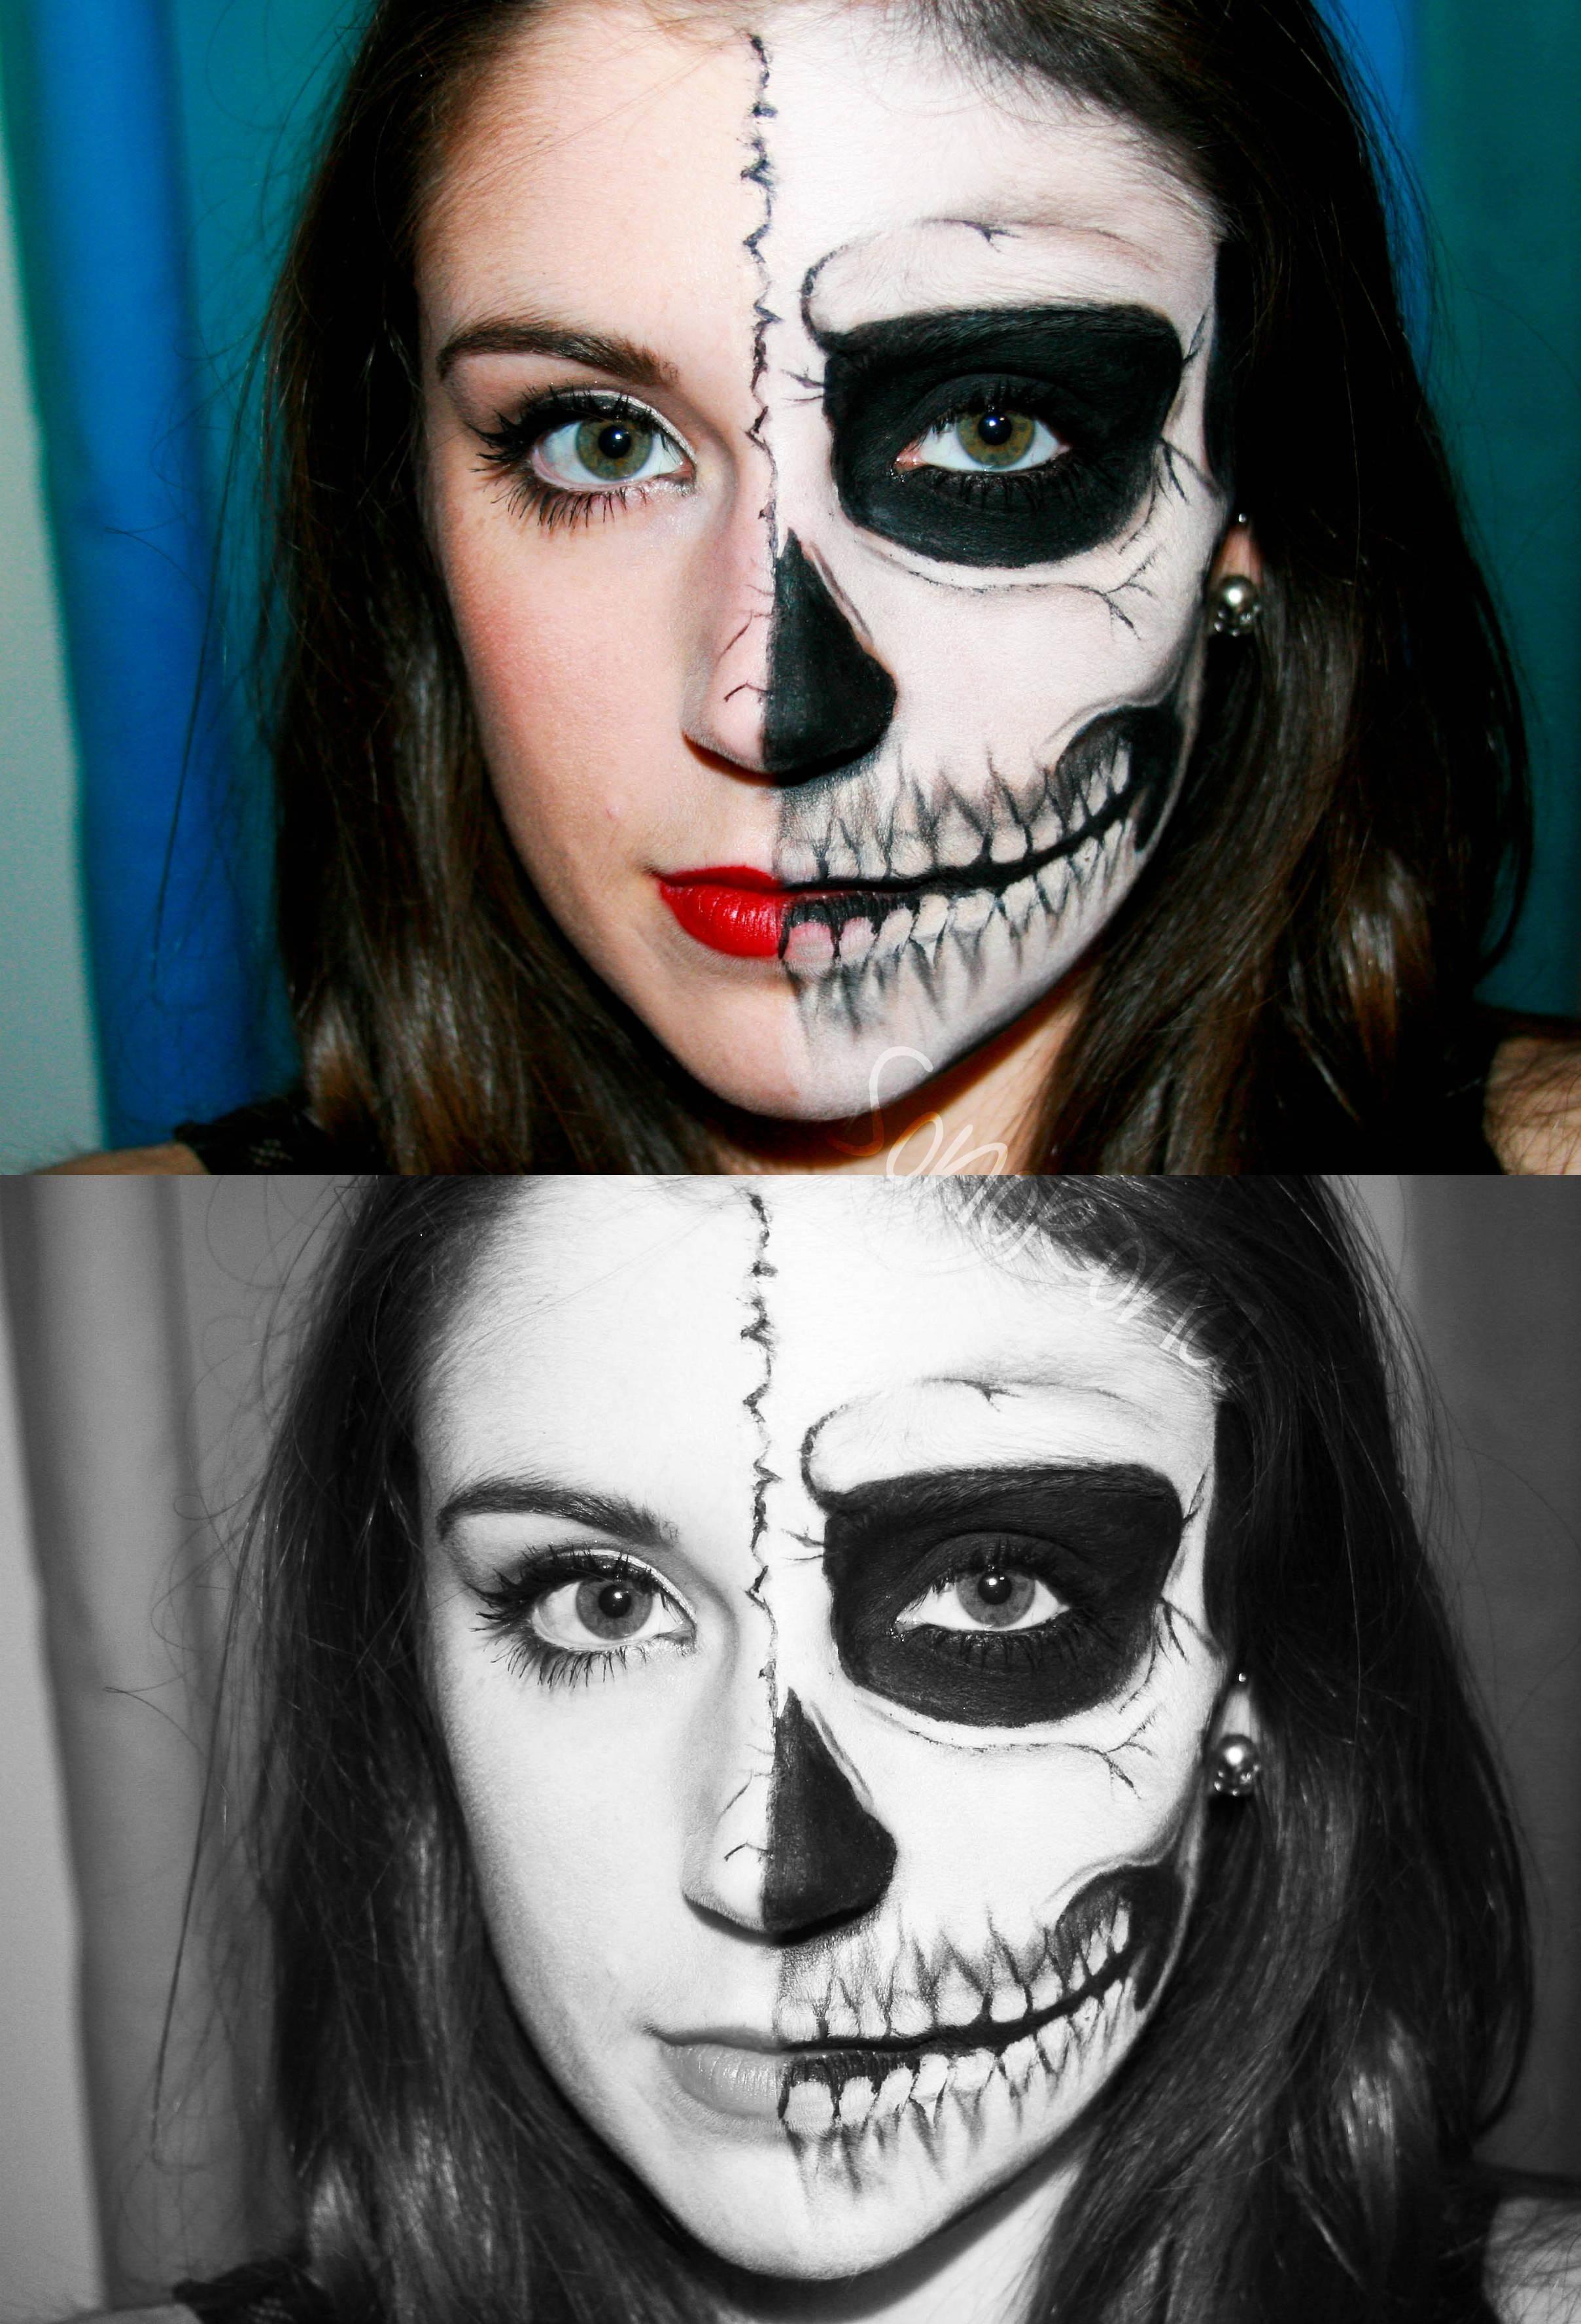 Mitad Cara Calavera Maquillaje Calavera Caras Maquillaje De Halloween